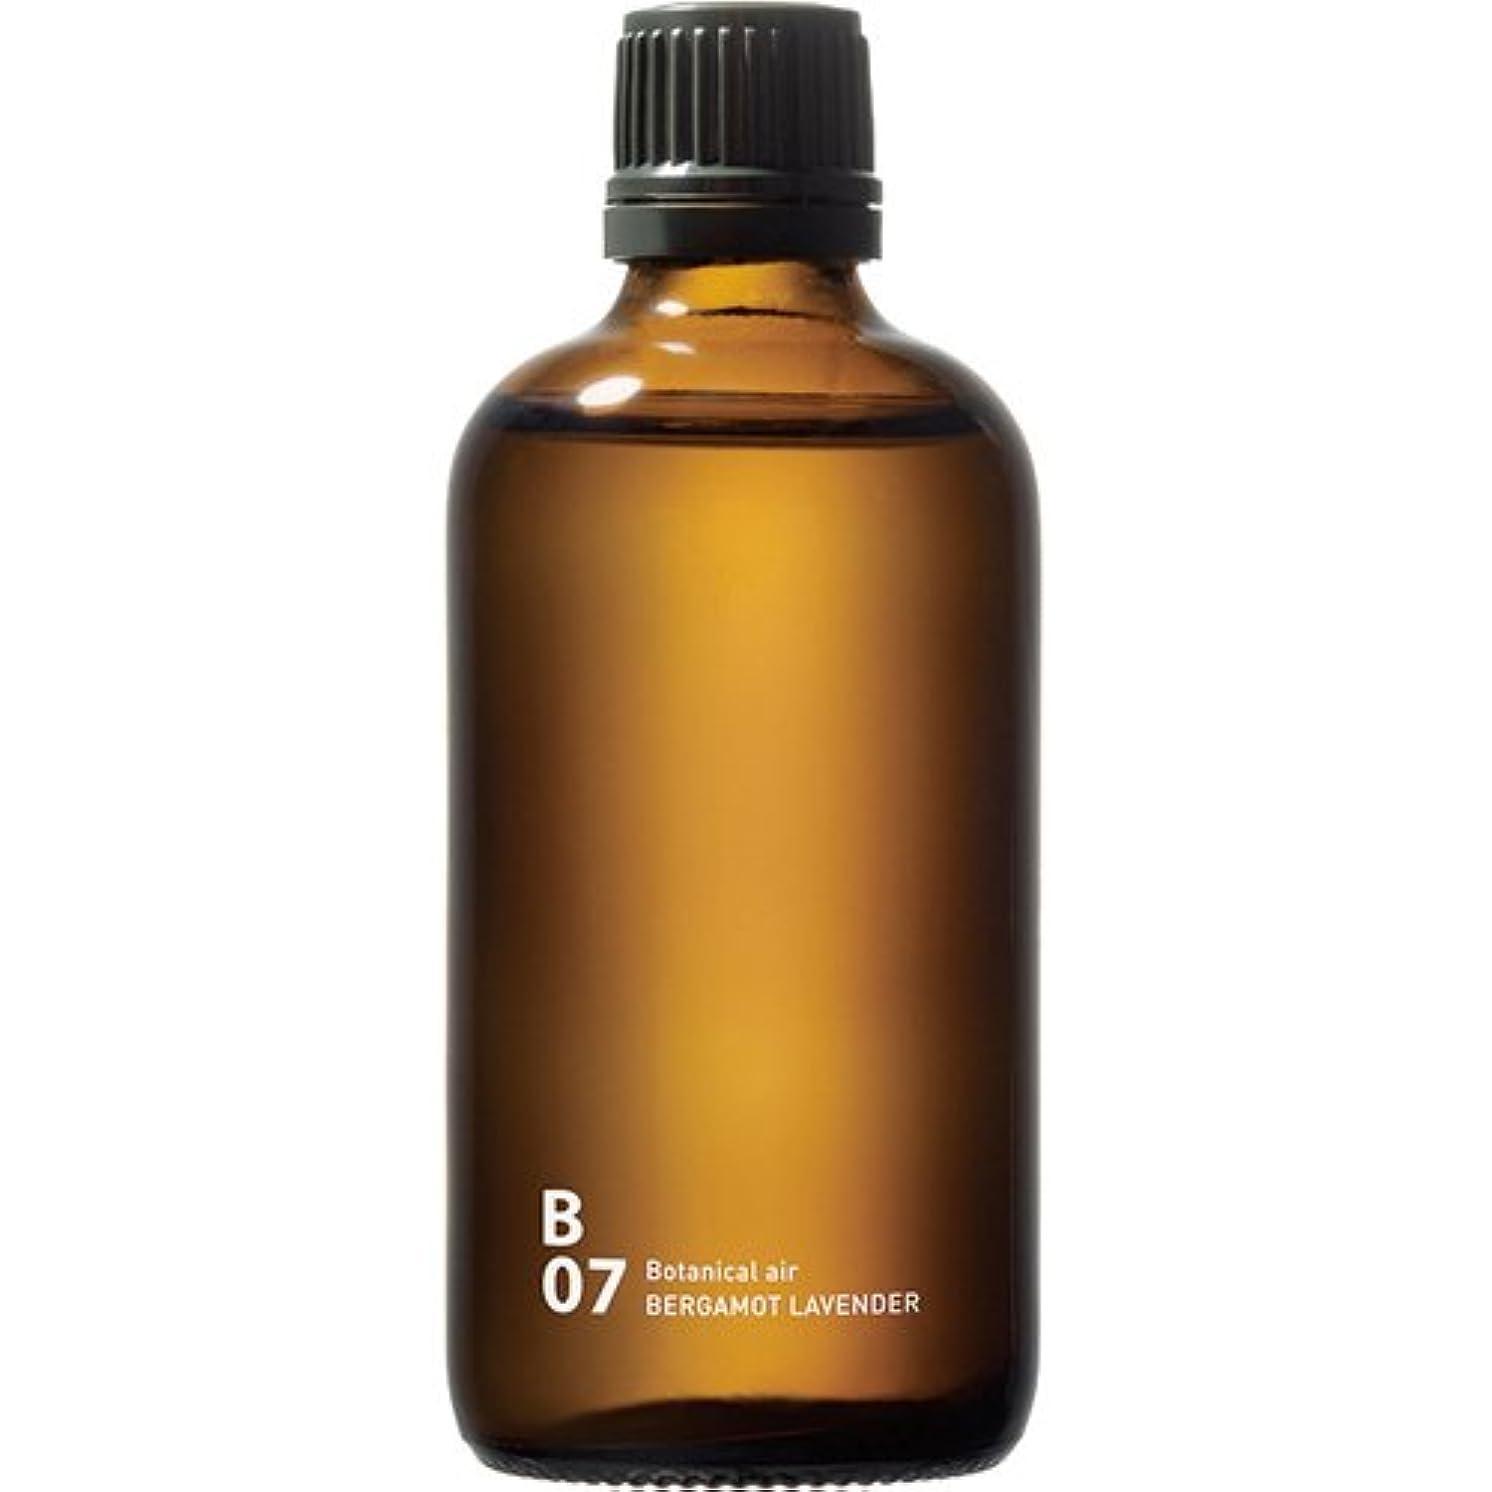 ロードされた群集補充B07 BERGAMOT LAVENDER piezo aroma oil 100ml